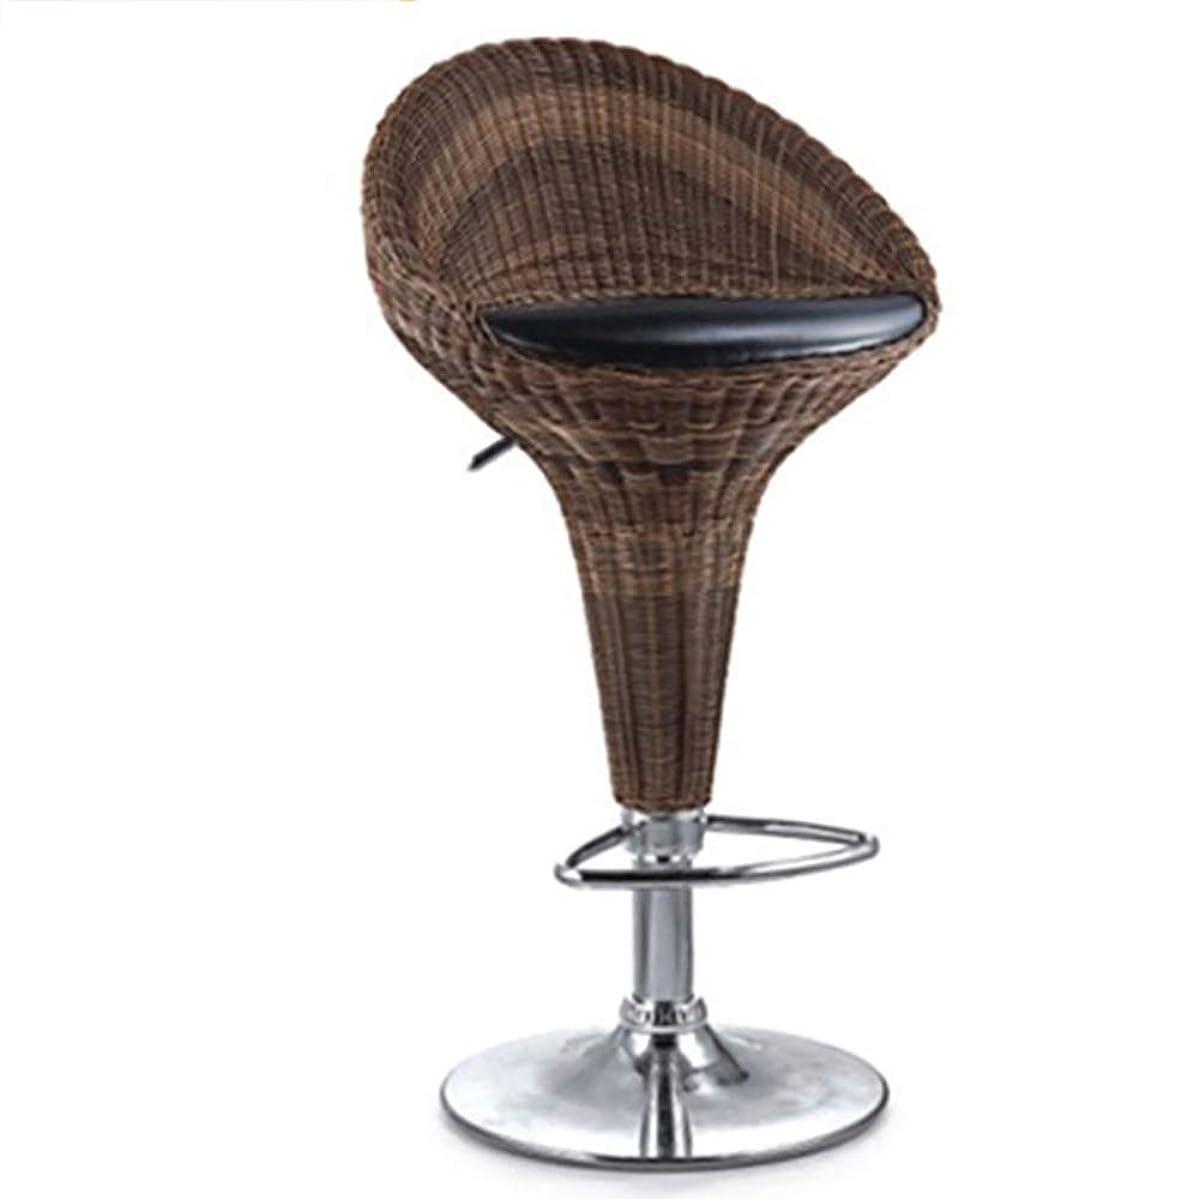 WJT-Barstool Rattan Bar Chair Bar Chair Lift High Stool Creative Bar Chair Simple Modern Back Bar Chair Fashion Rotating Rattan Chair Size: 47×32×81.3-100cm Load Capacity: 200kg dasdxducreh4